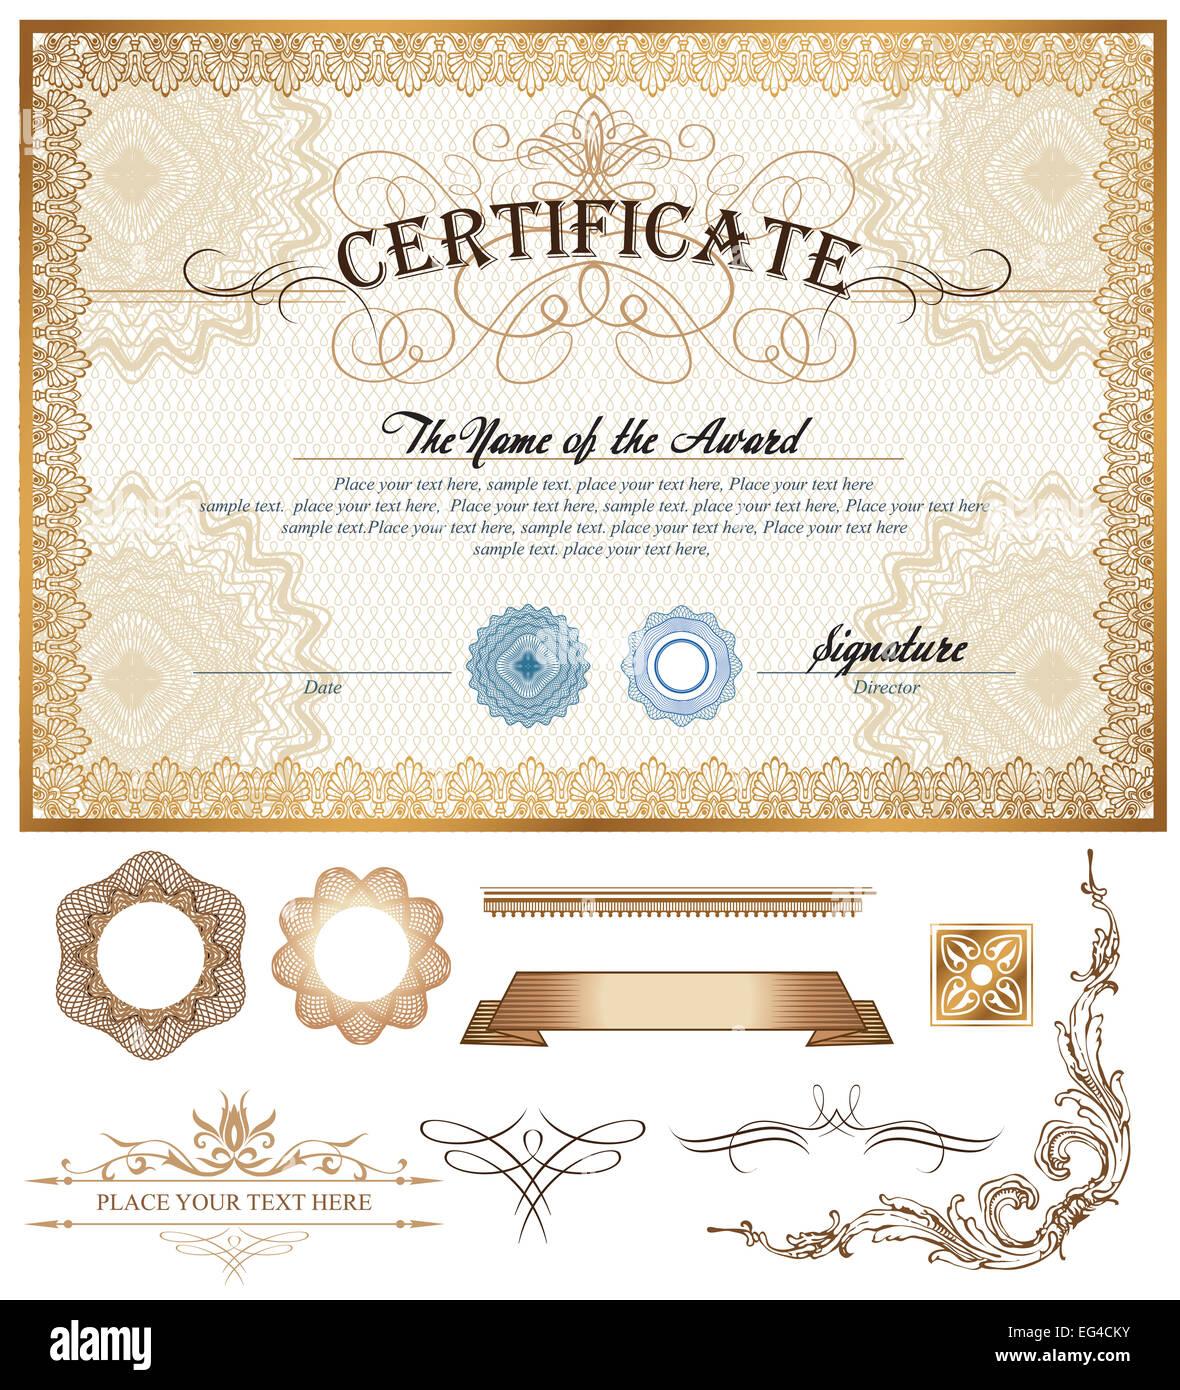 Zertifikat oder Gutschein Vorlage mit Vintage Grenze und zusätzliche ...